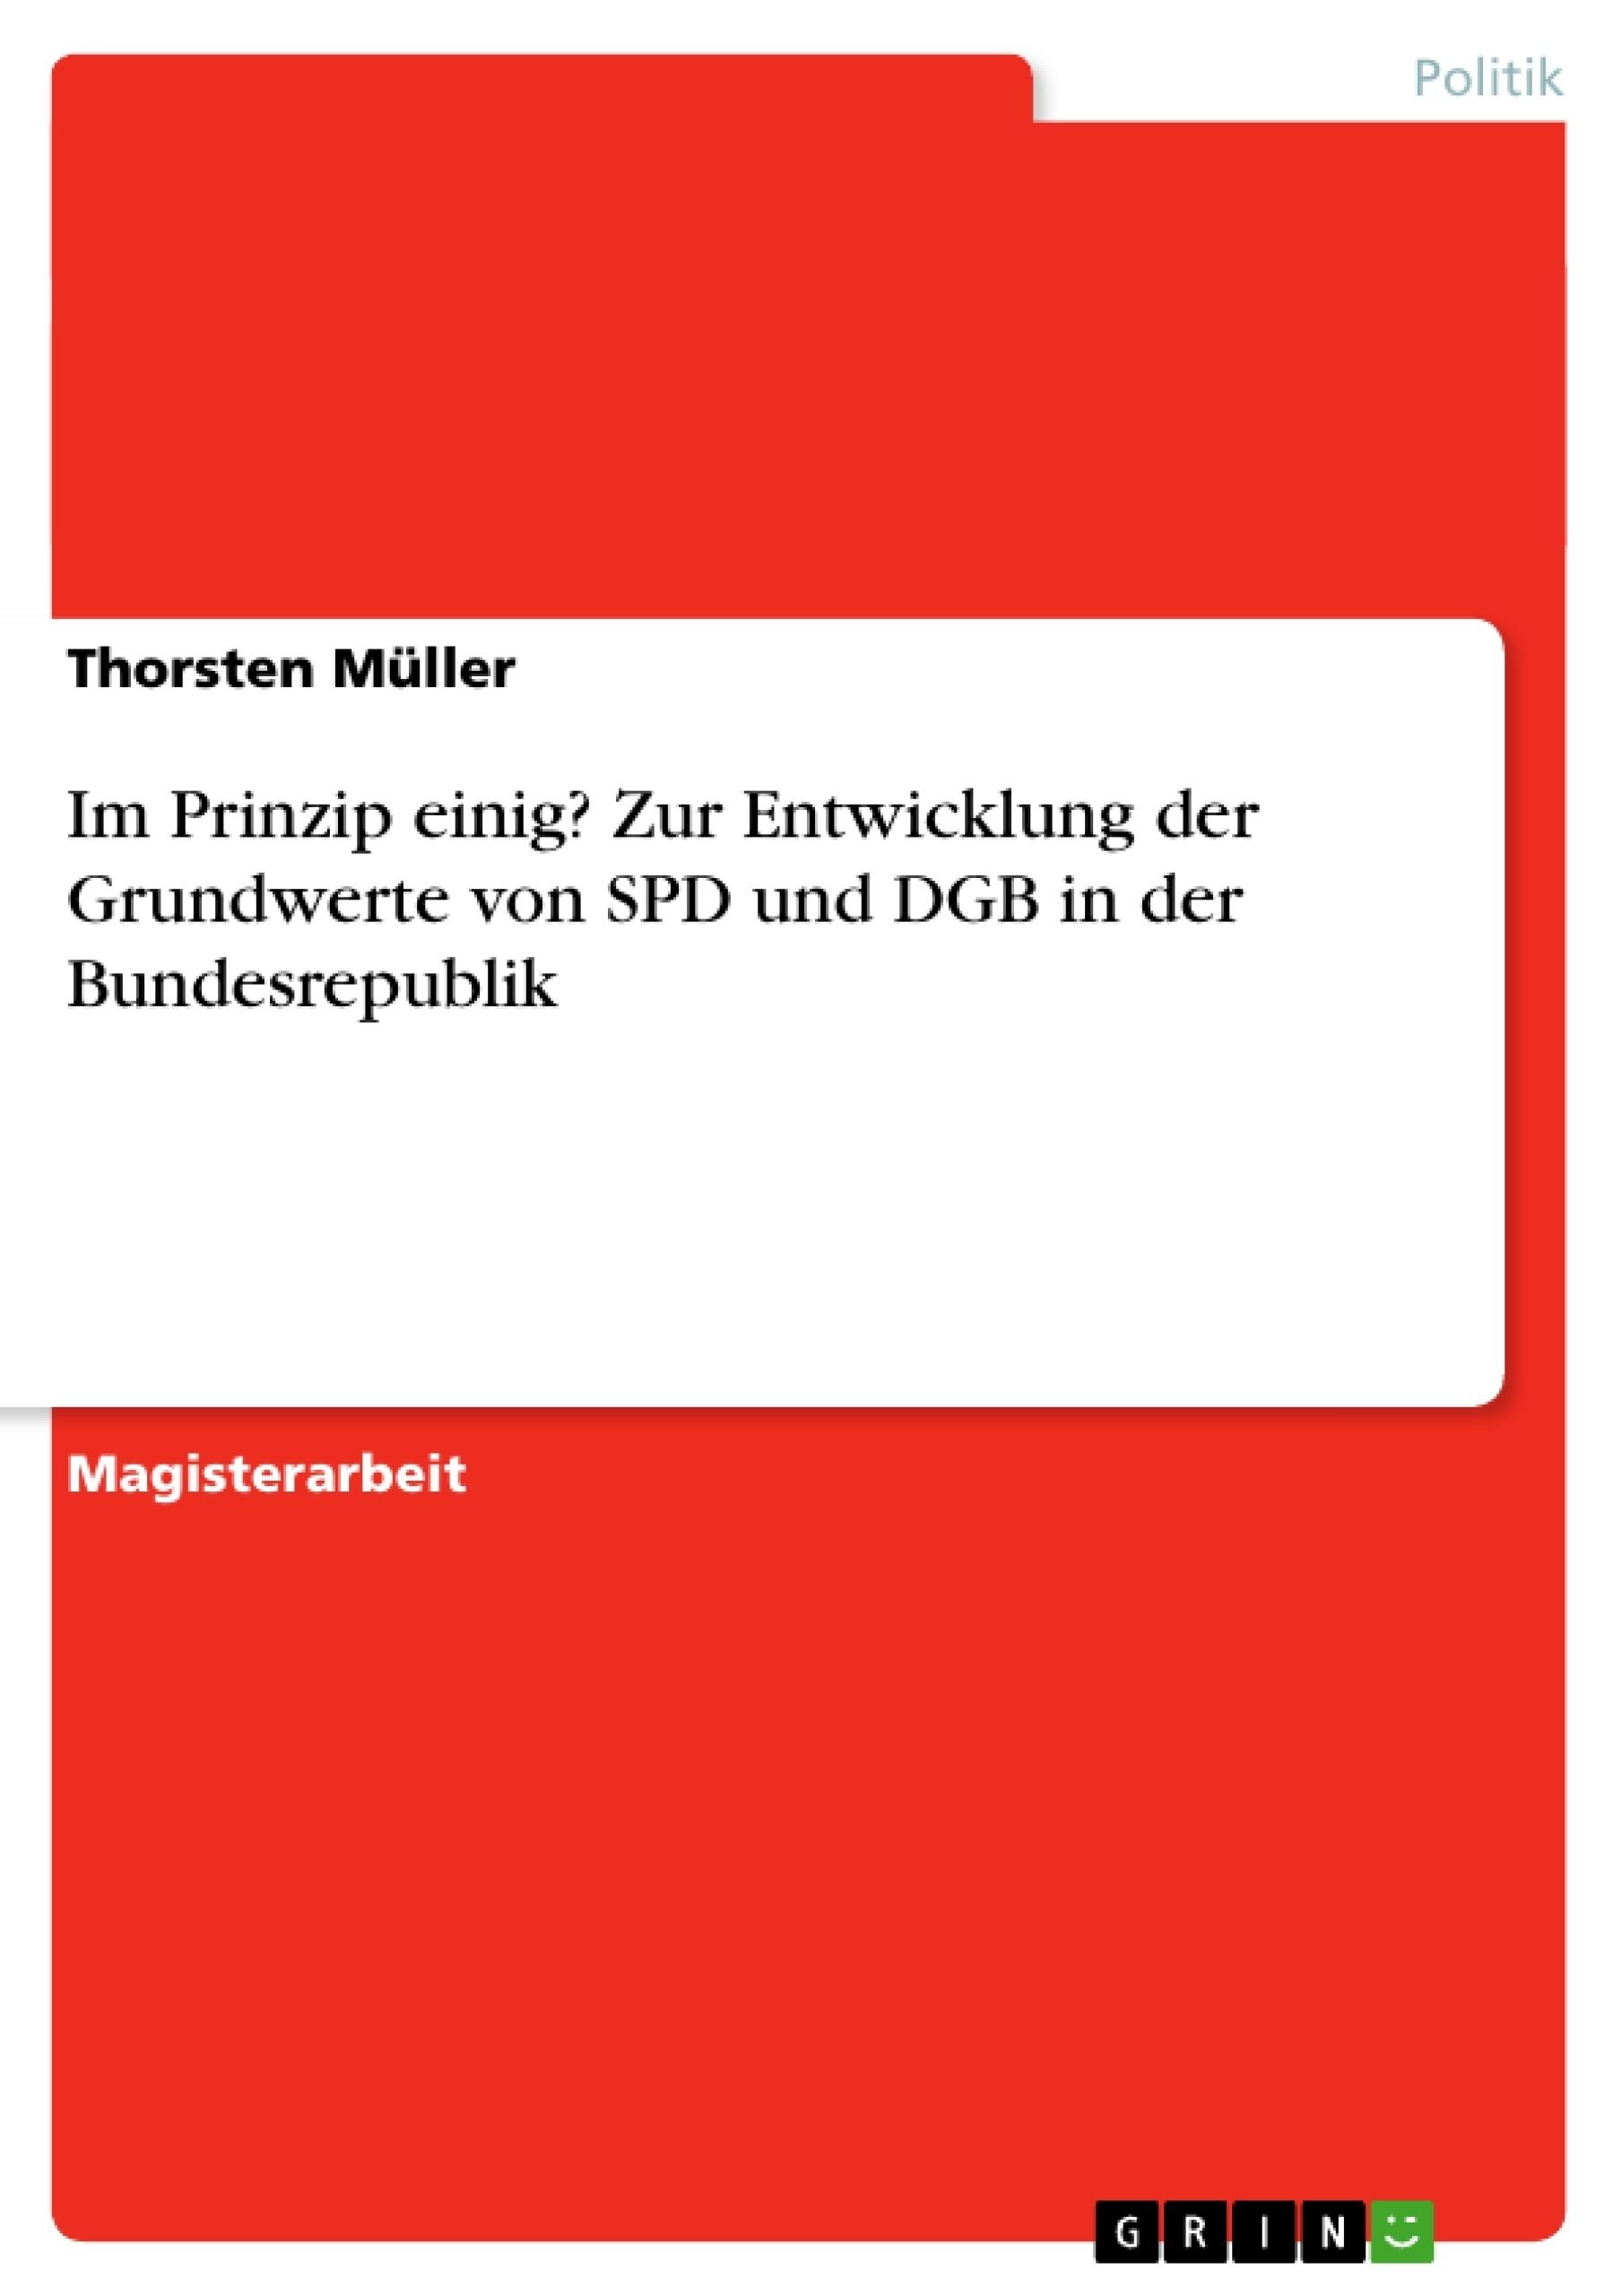 Titel: Im Prinzip einig? Zur Entwicklung der Grundwerte von SPD und DGB in der Bundesrepublik